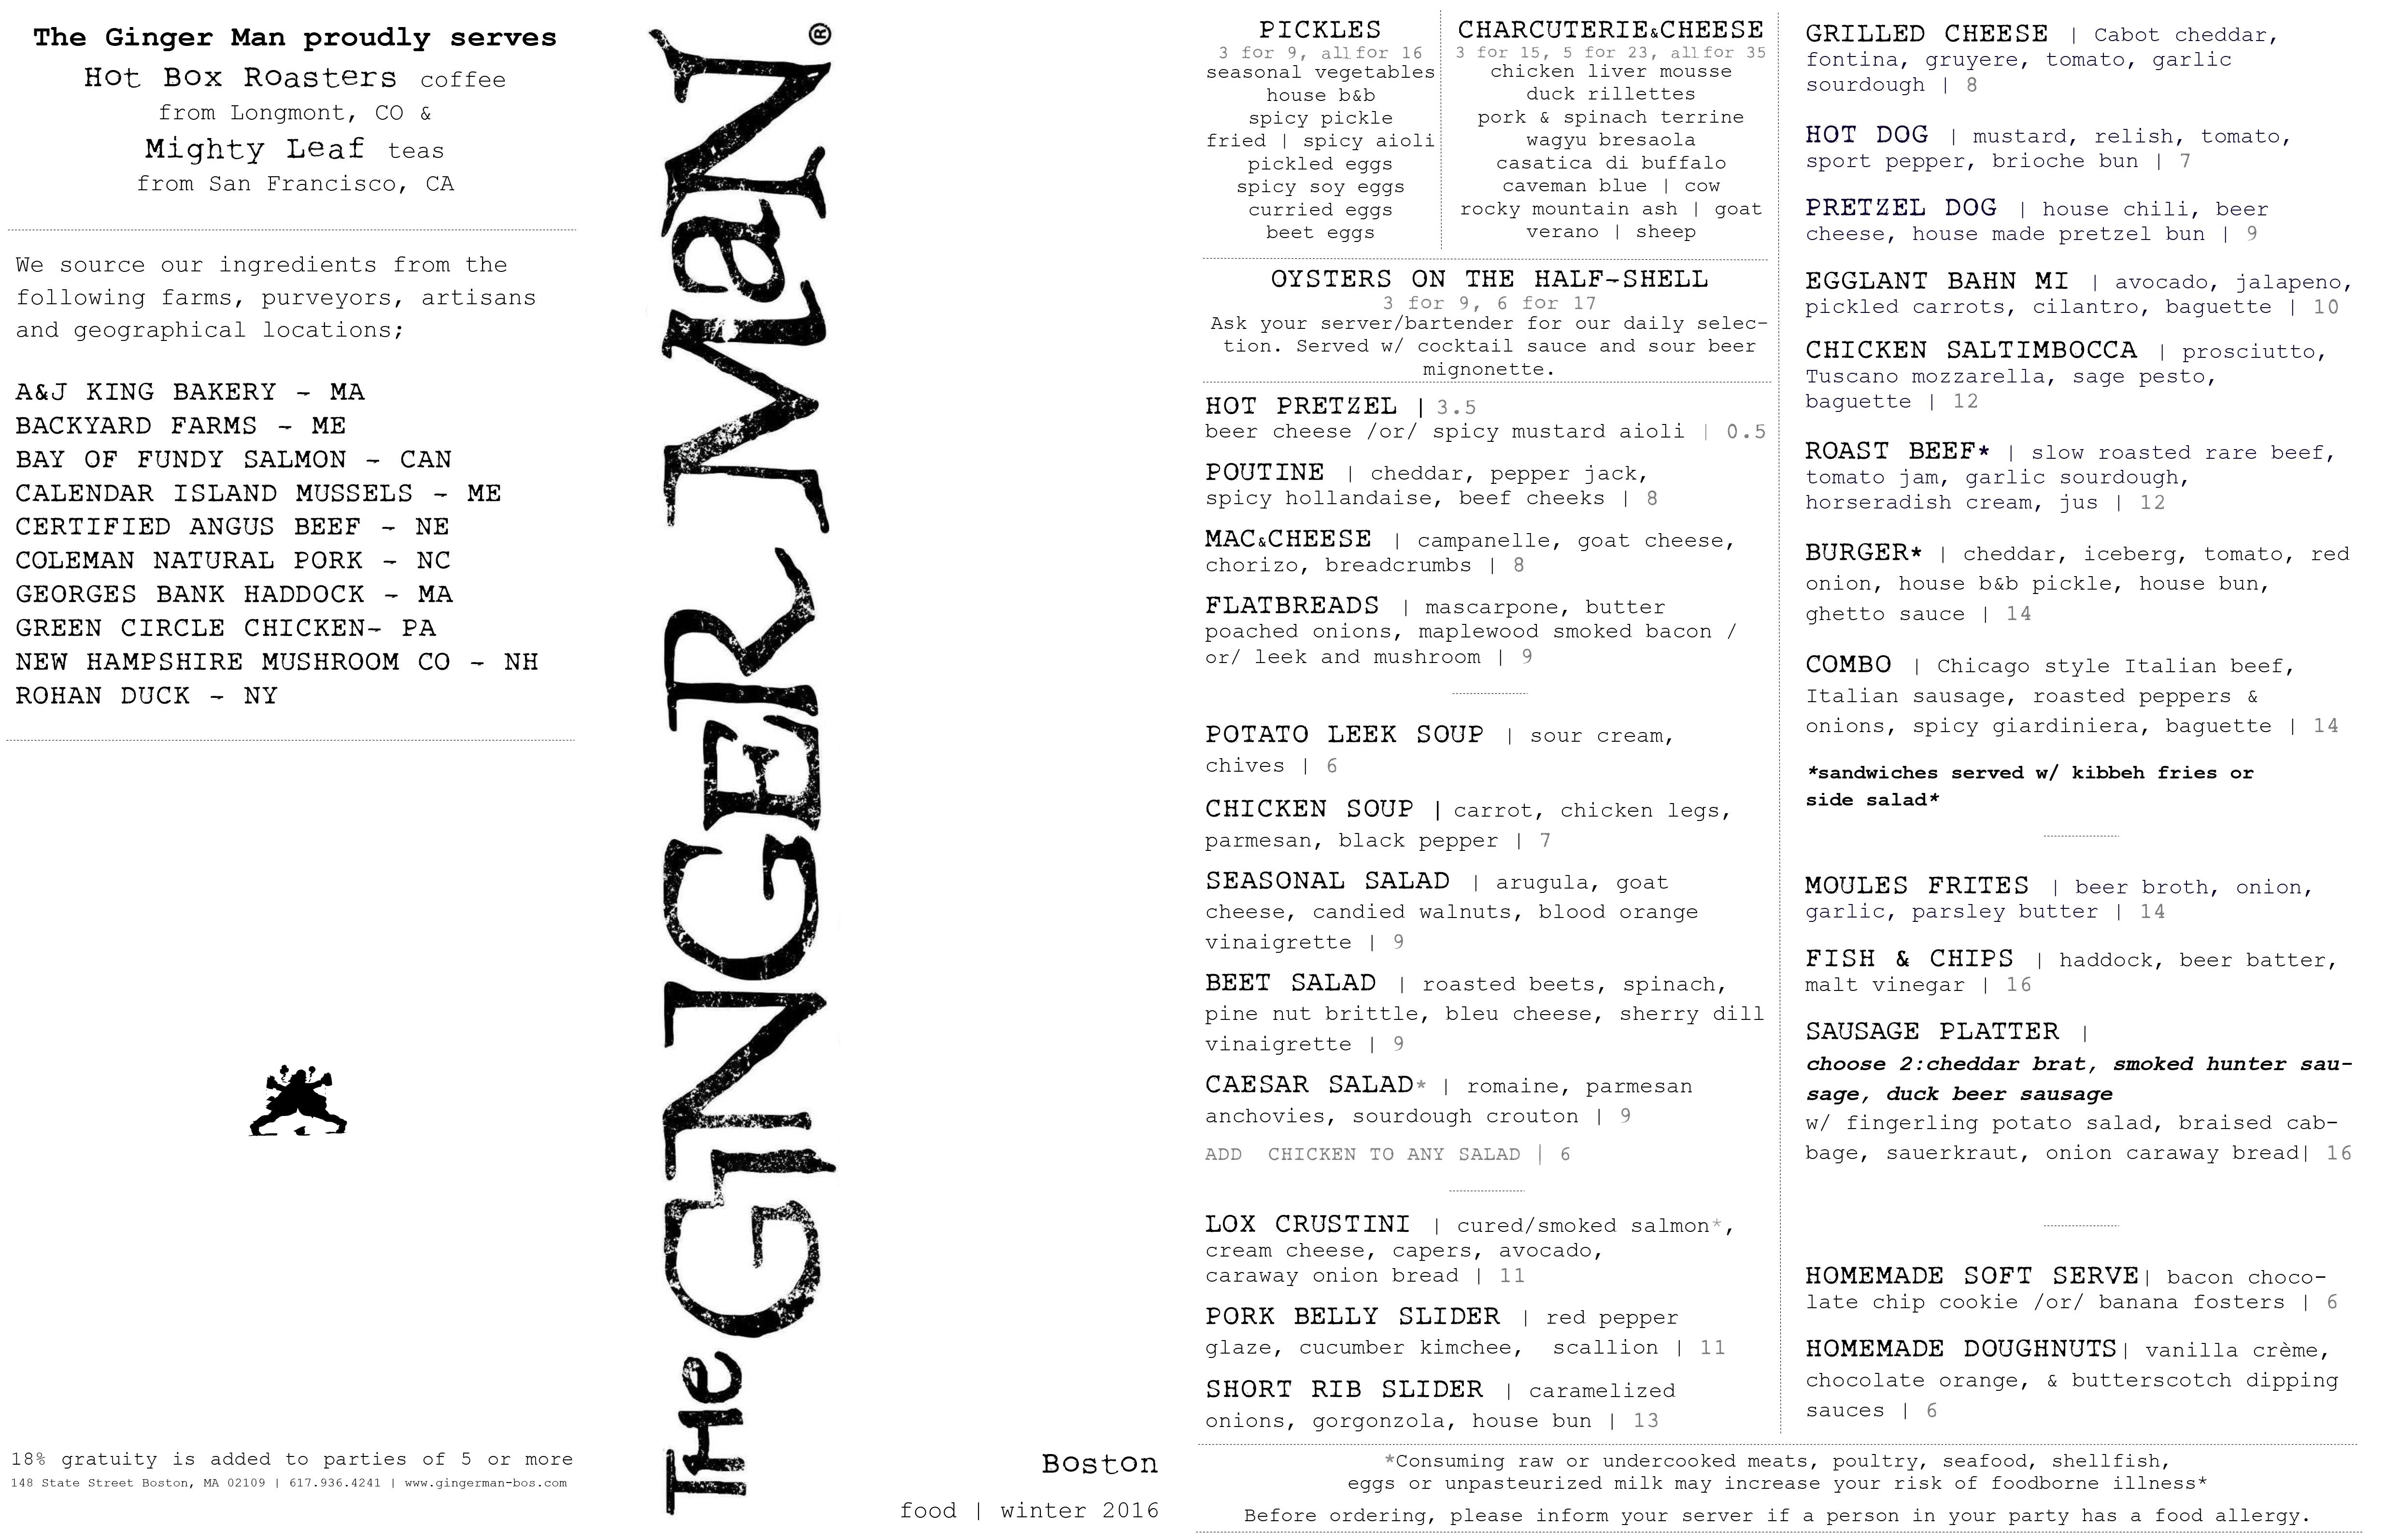 The Ginger Man Boston menu